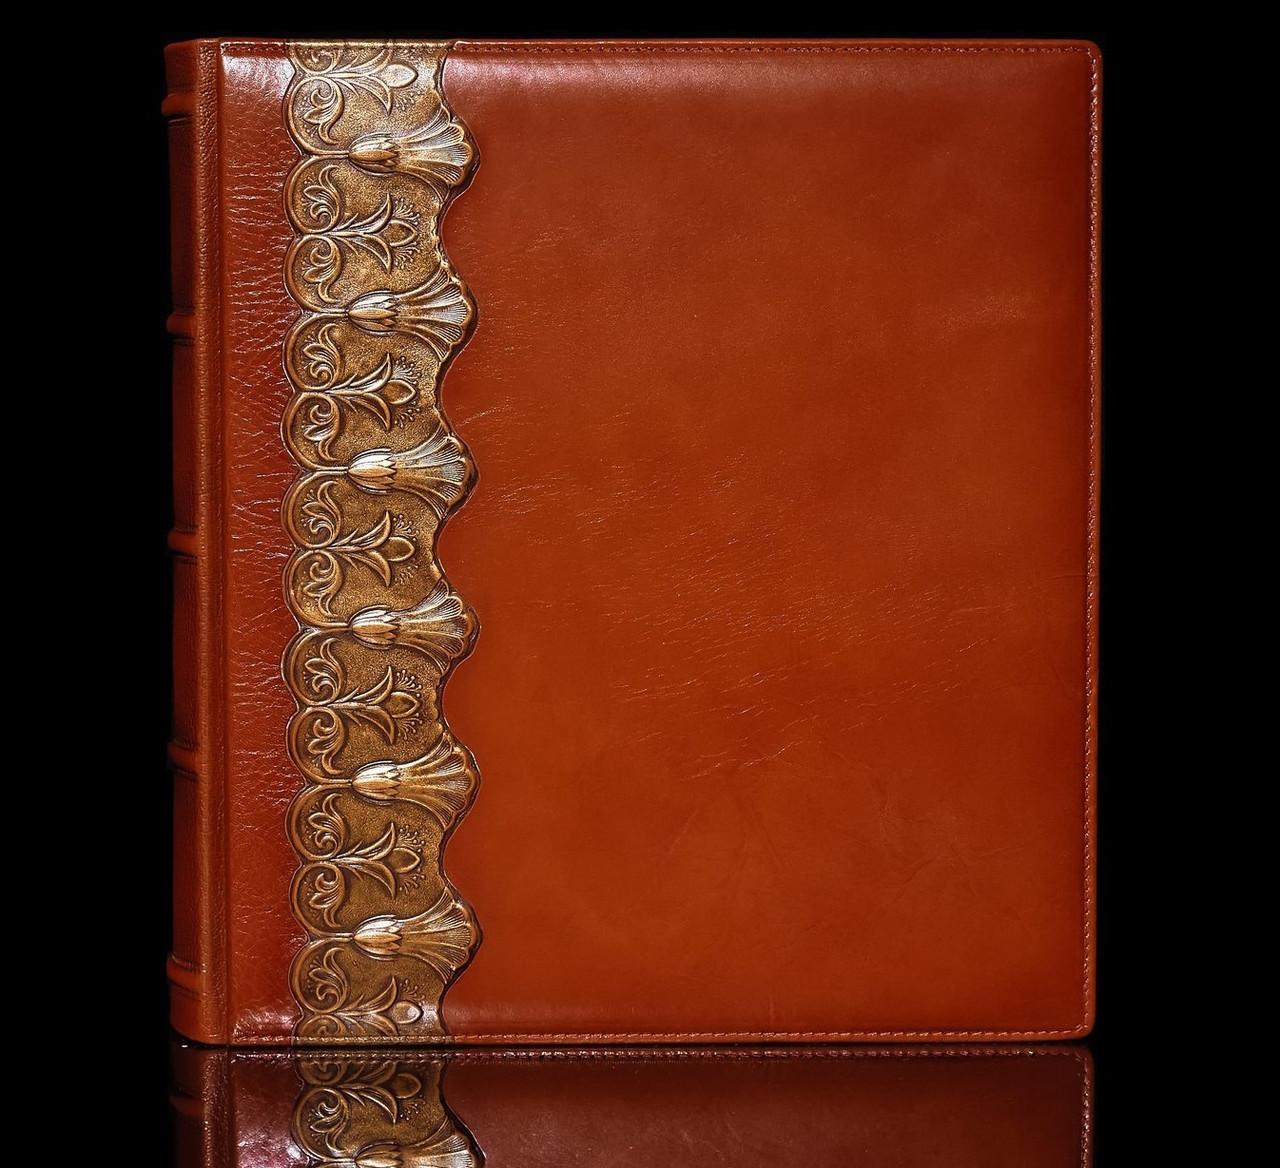 """Фотоальбом в шкіряній палітурці з об'ємним тисненням і дизайнерськими листами """"Лотос"""". Колір коричневий"""